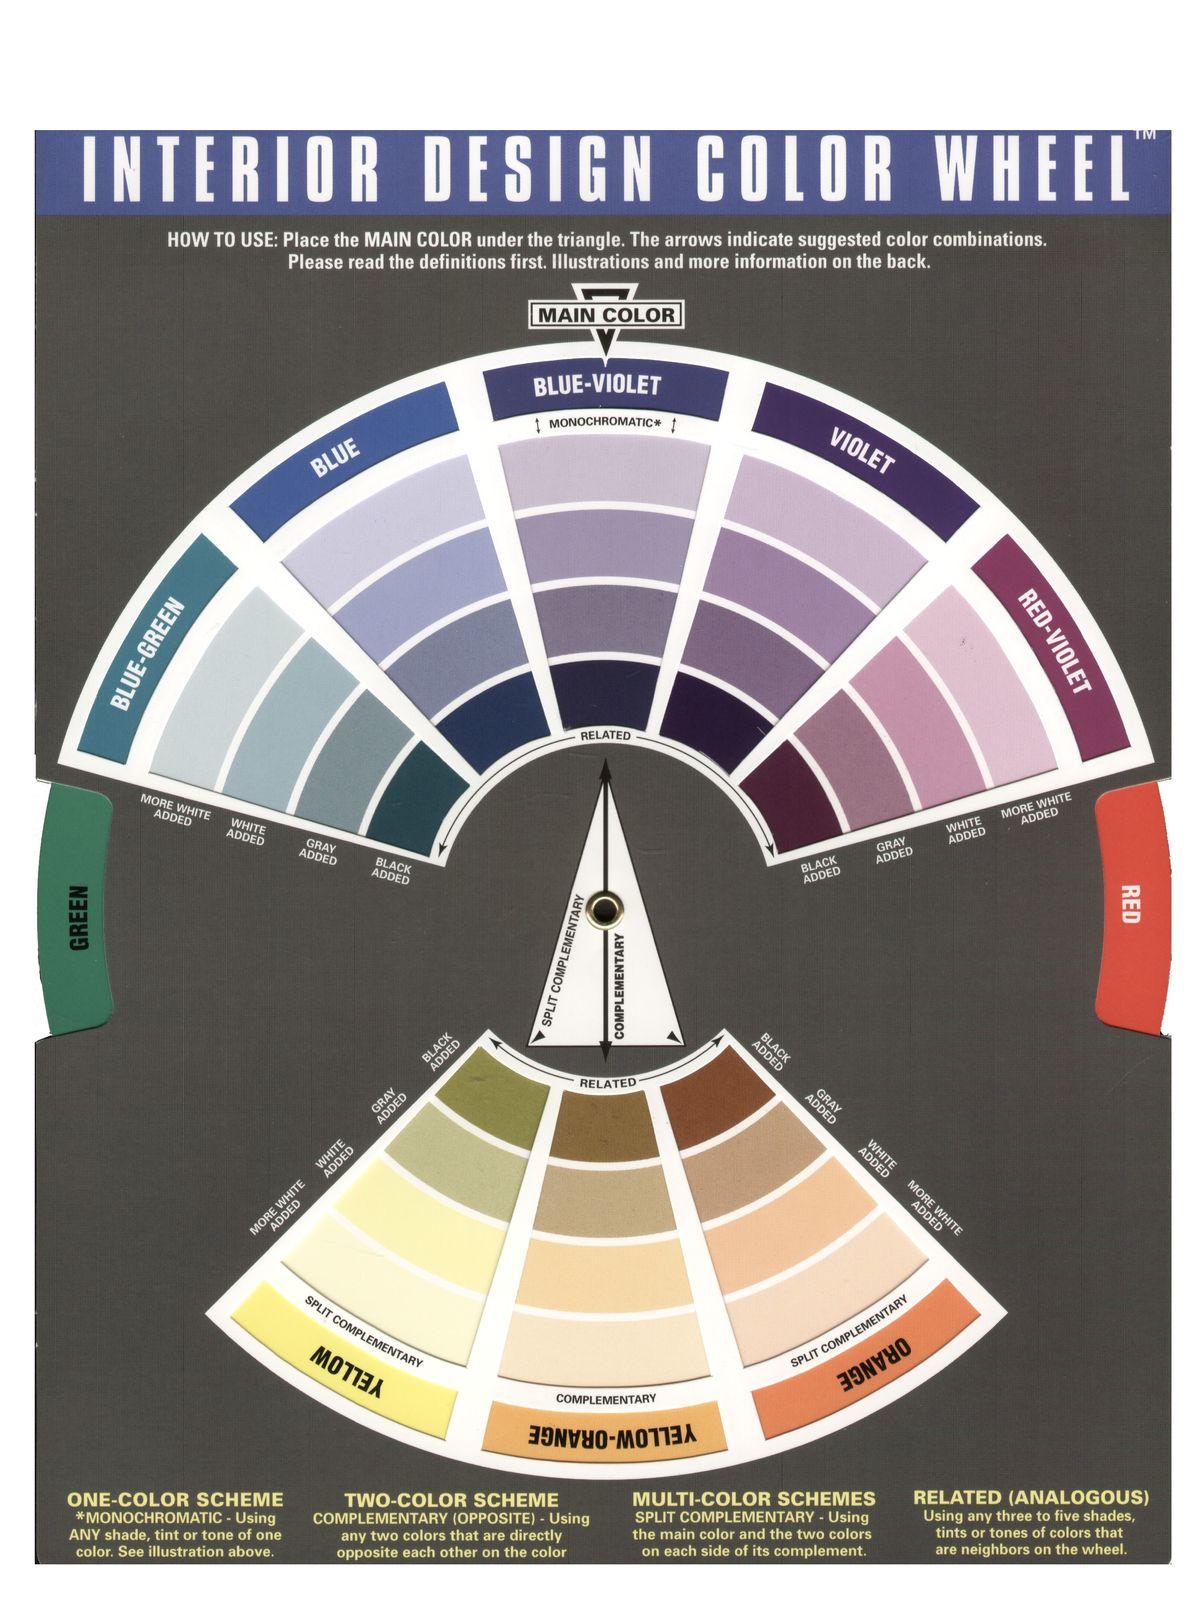 Interior Design Wheel